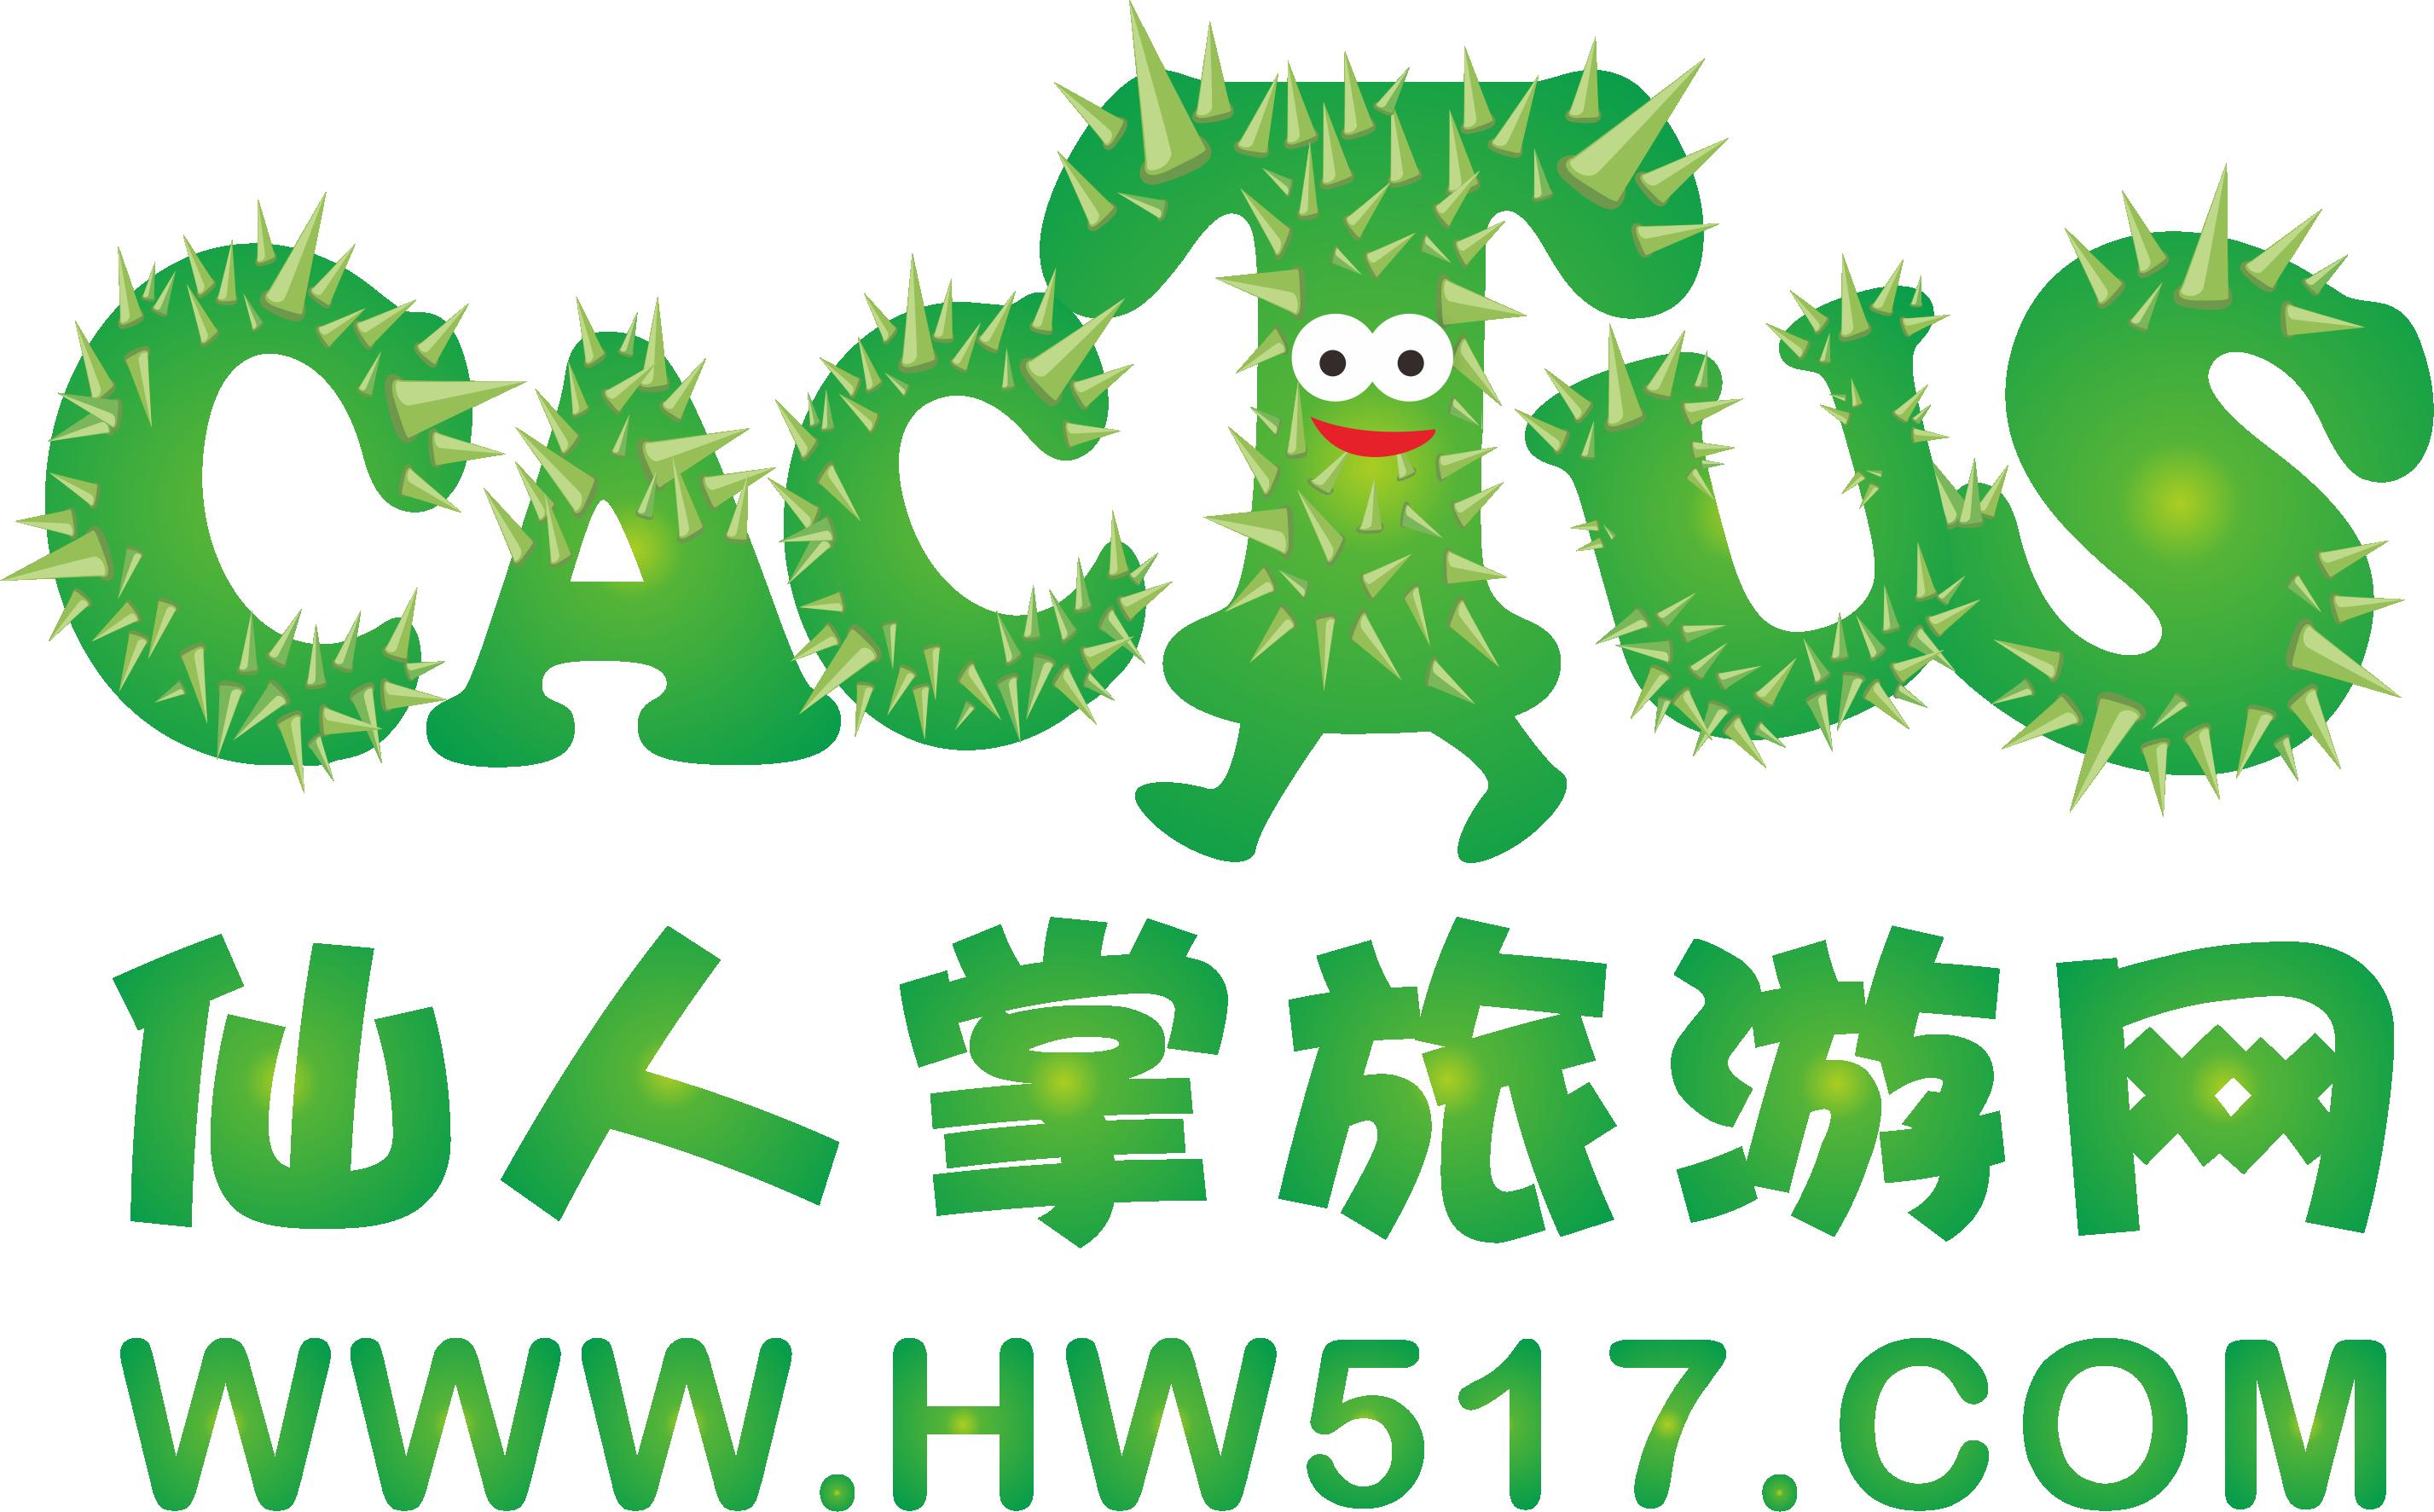 【仙人掌旅游6月特惠】苏州万鸟天堂、赏新奇鸟艺表演特价一日游